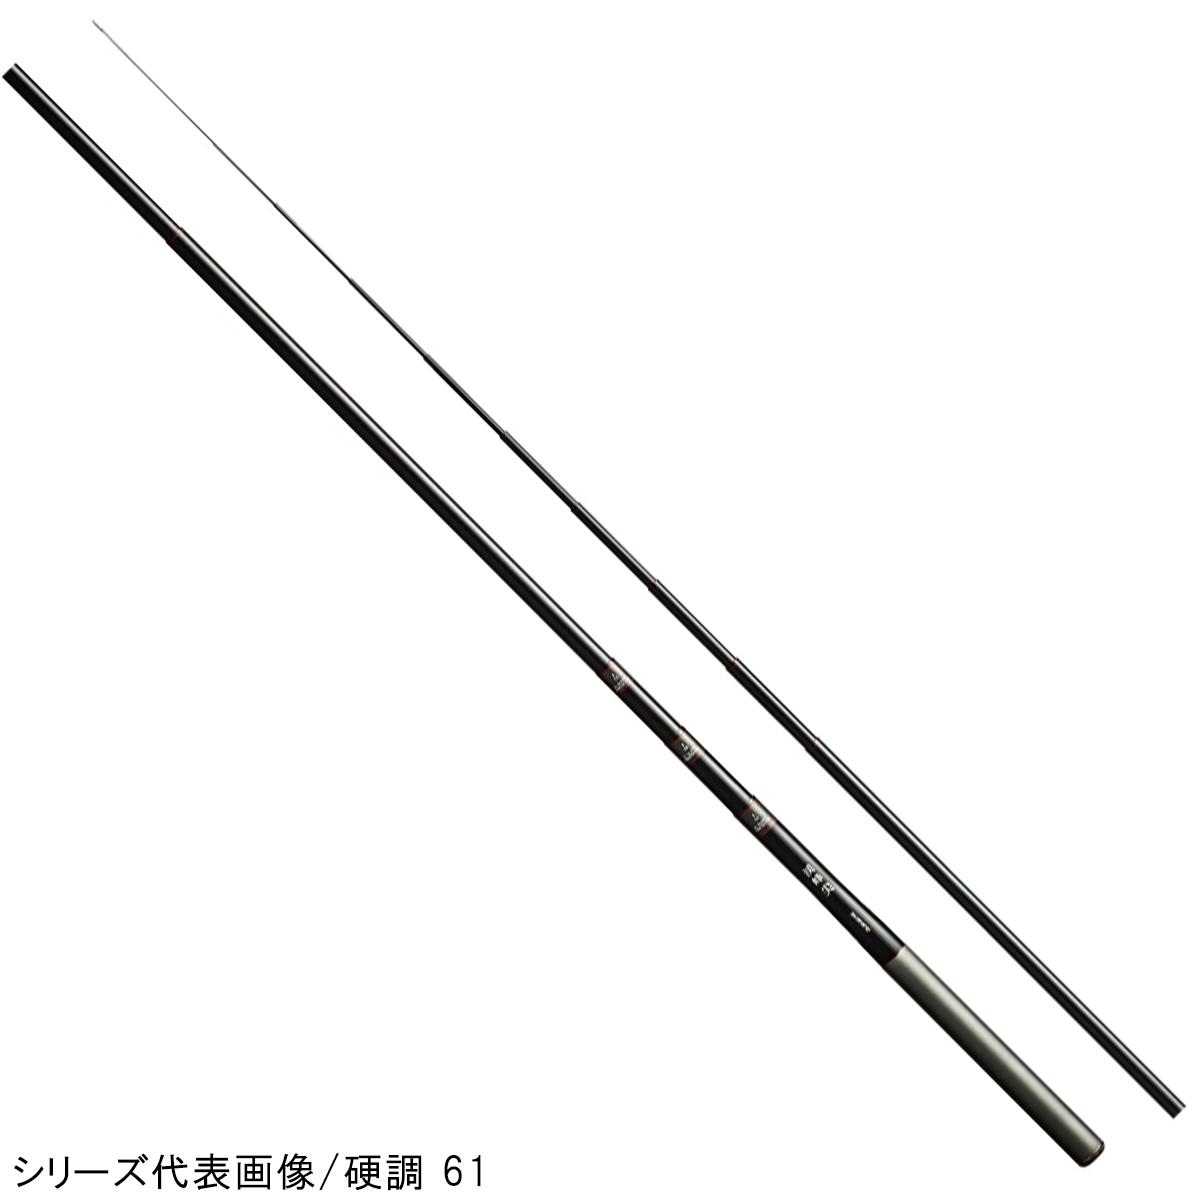 シマノ 渓峰尖(けいほうせん) ZW 硬調 57